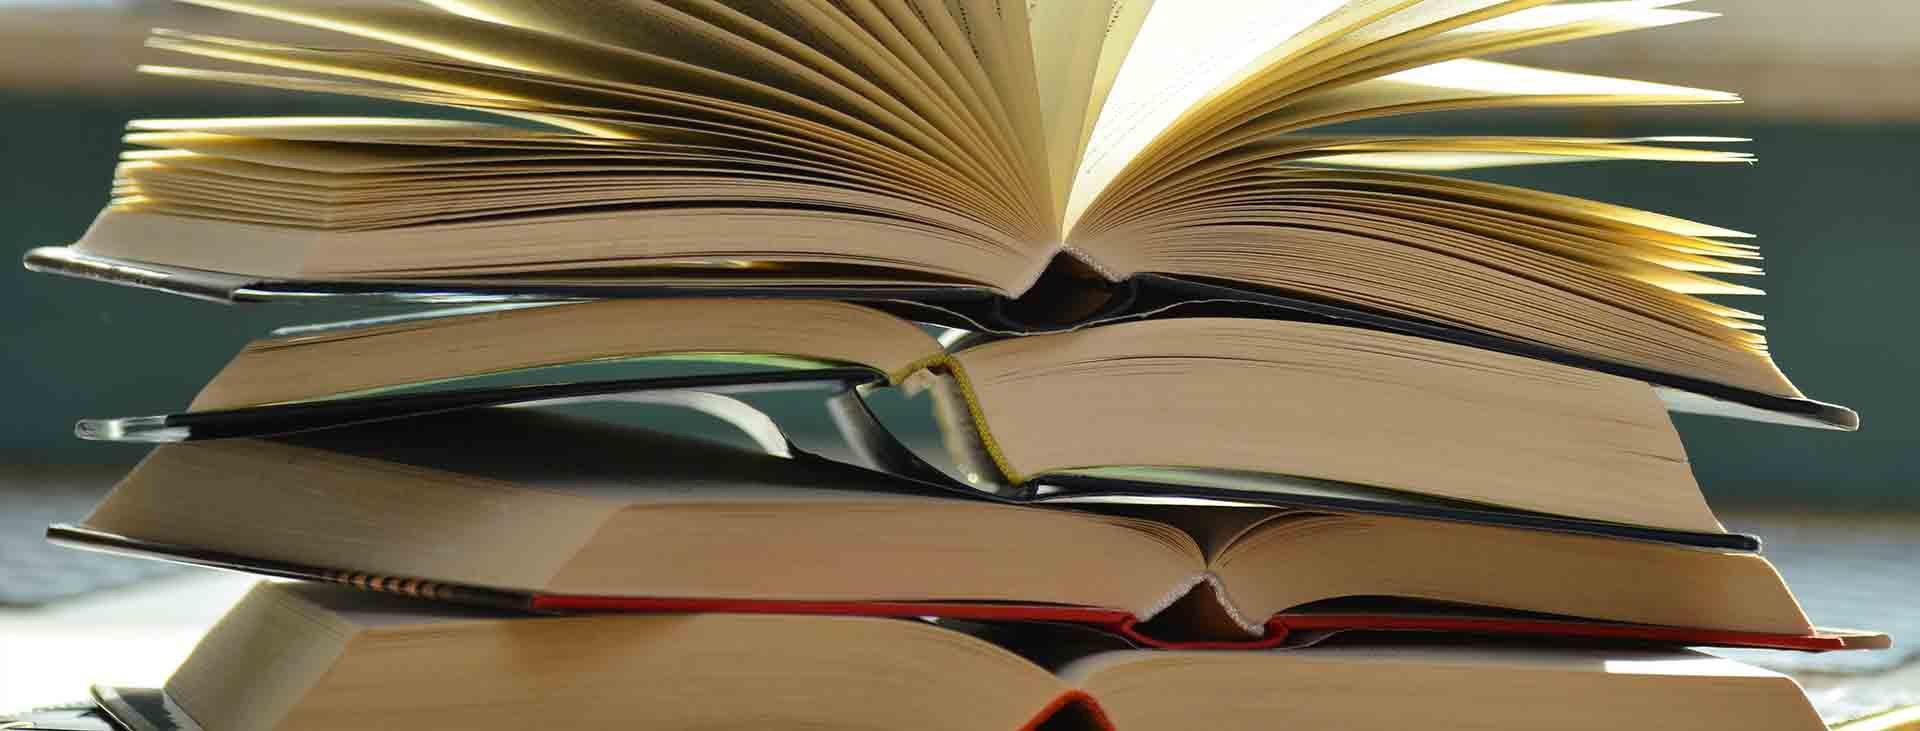 stapel van open boeken